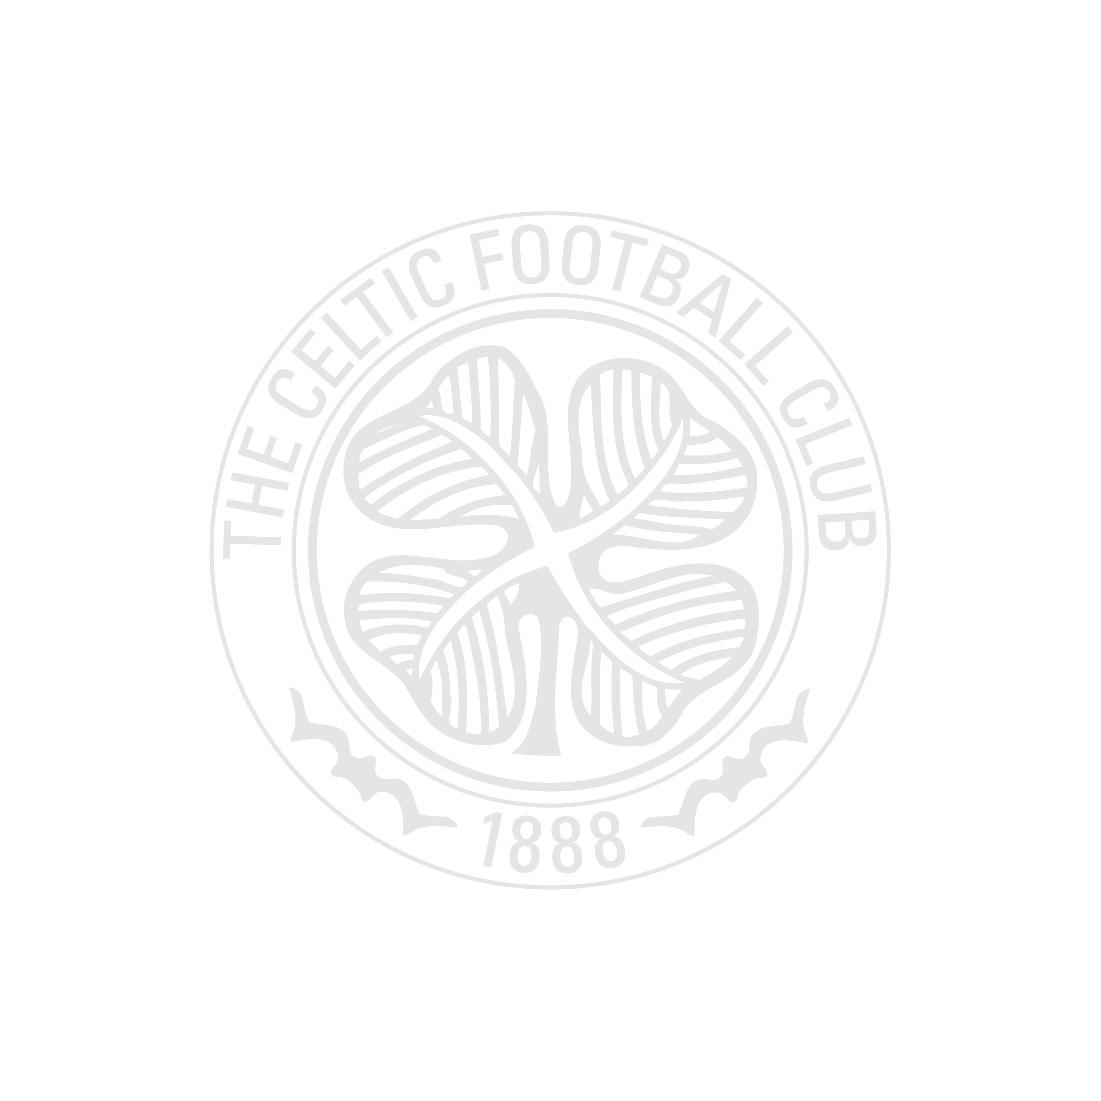 The Celtic Quiz Book